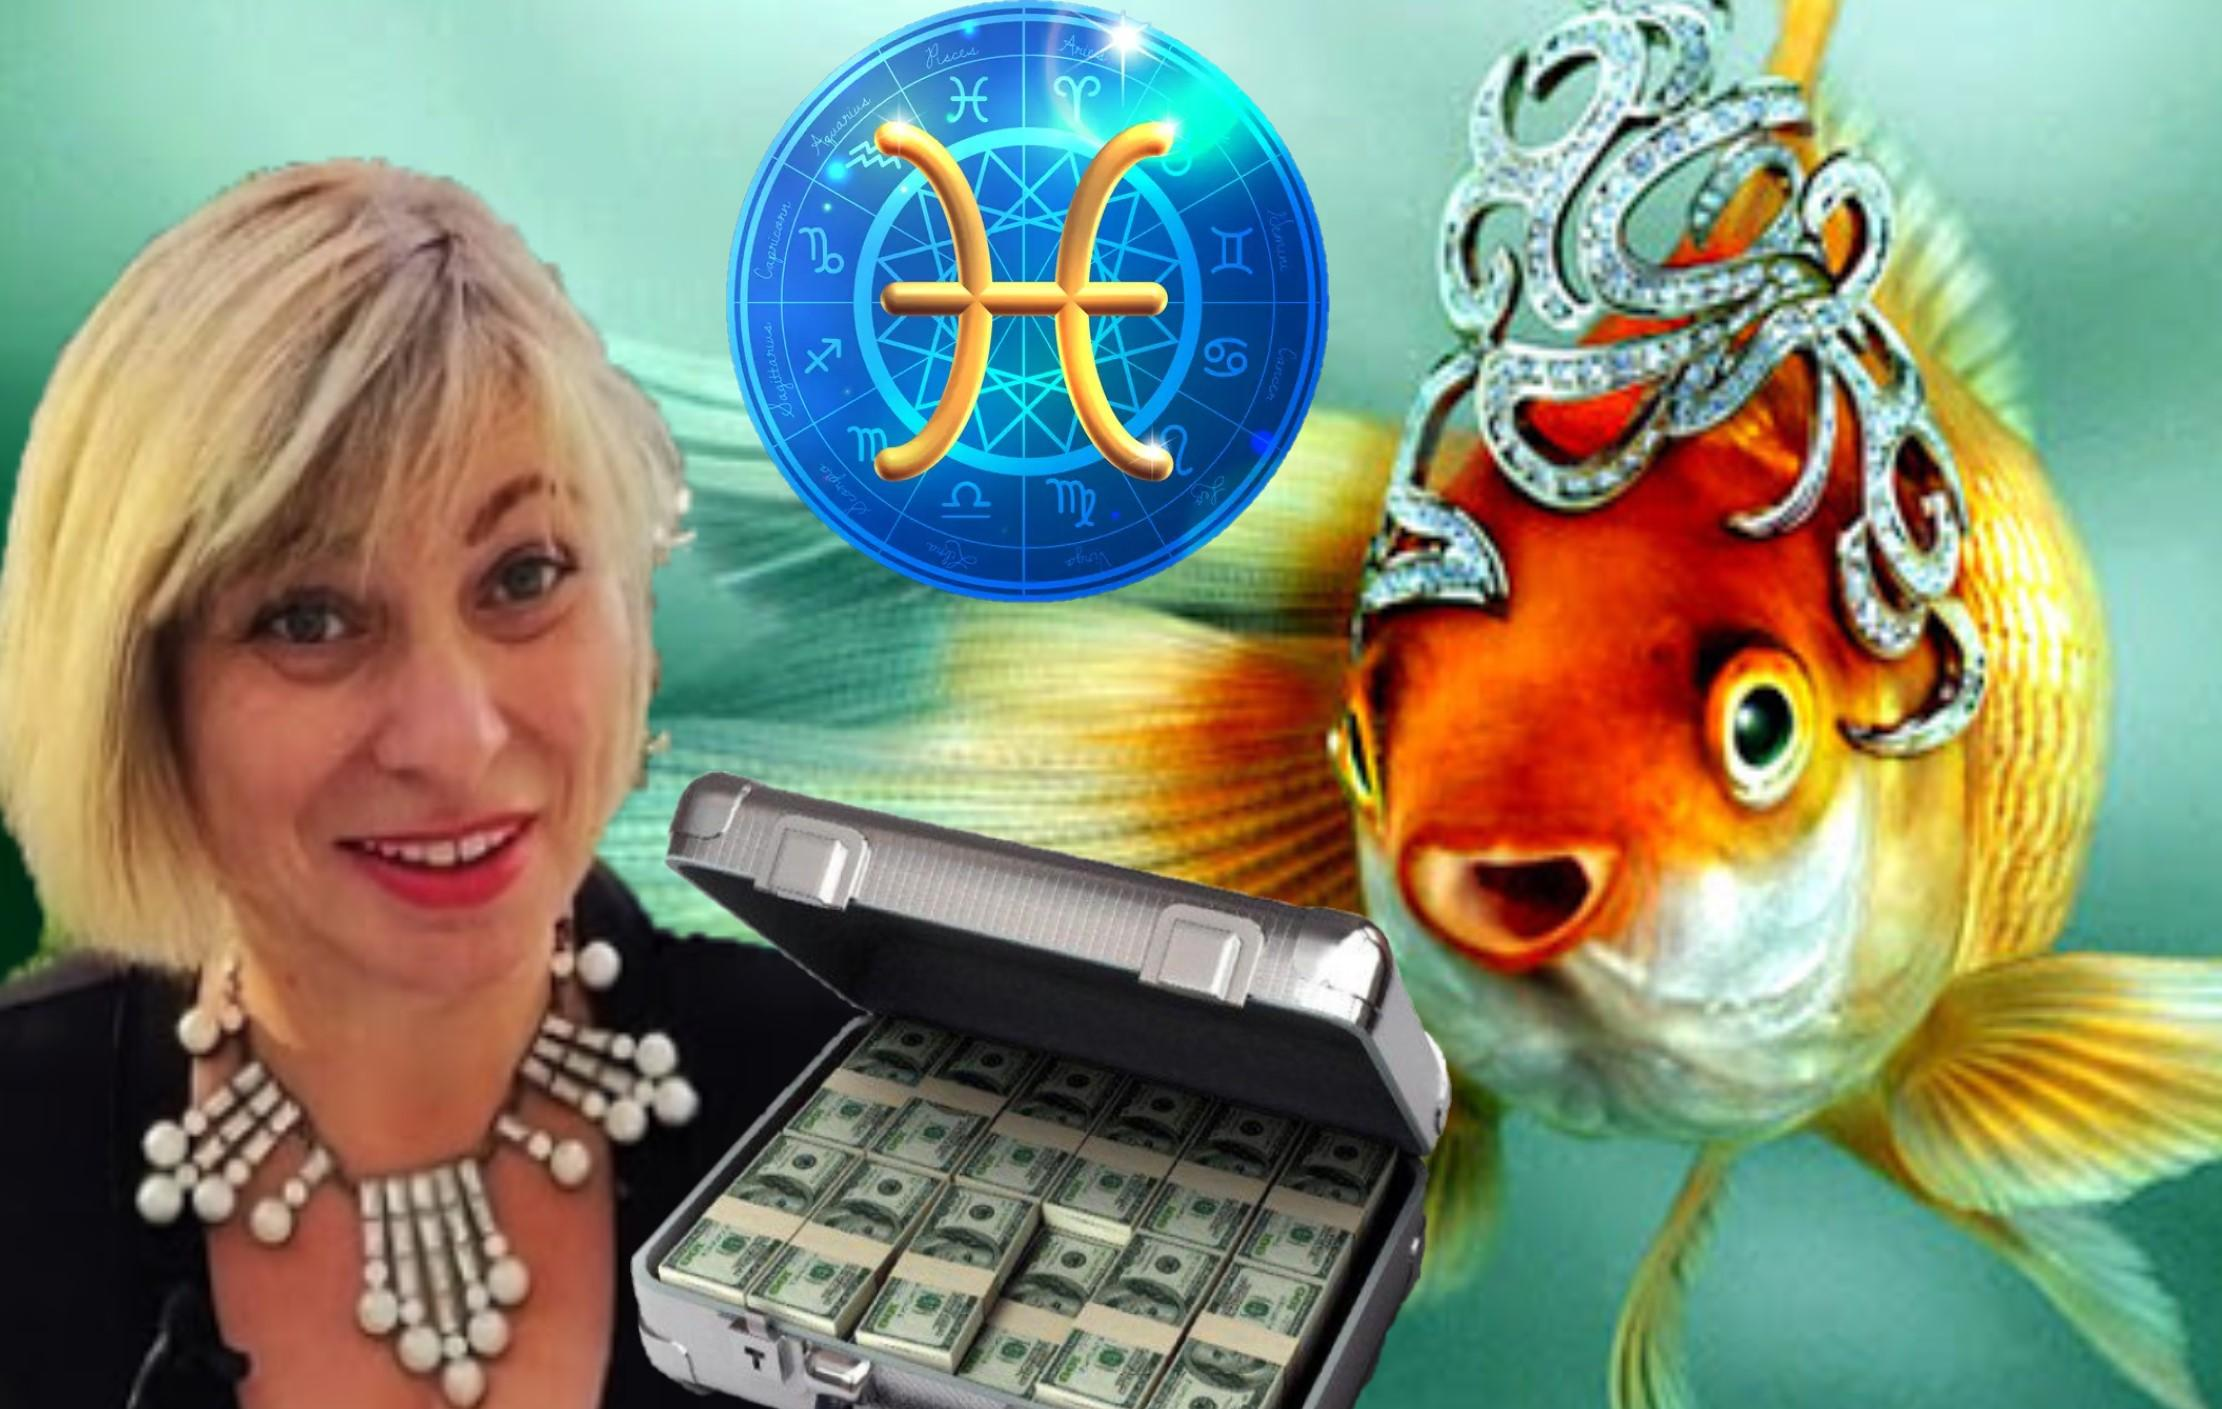 форумах пишут, рыбы миллионеры фото последнего был верен